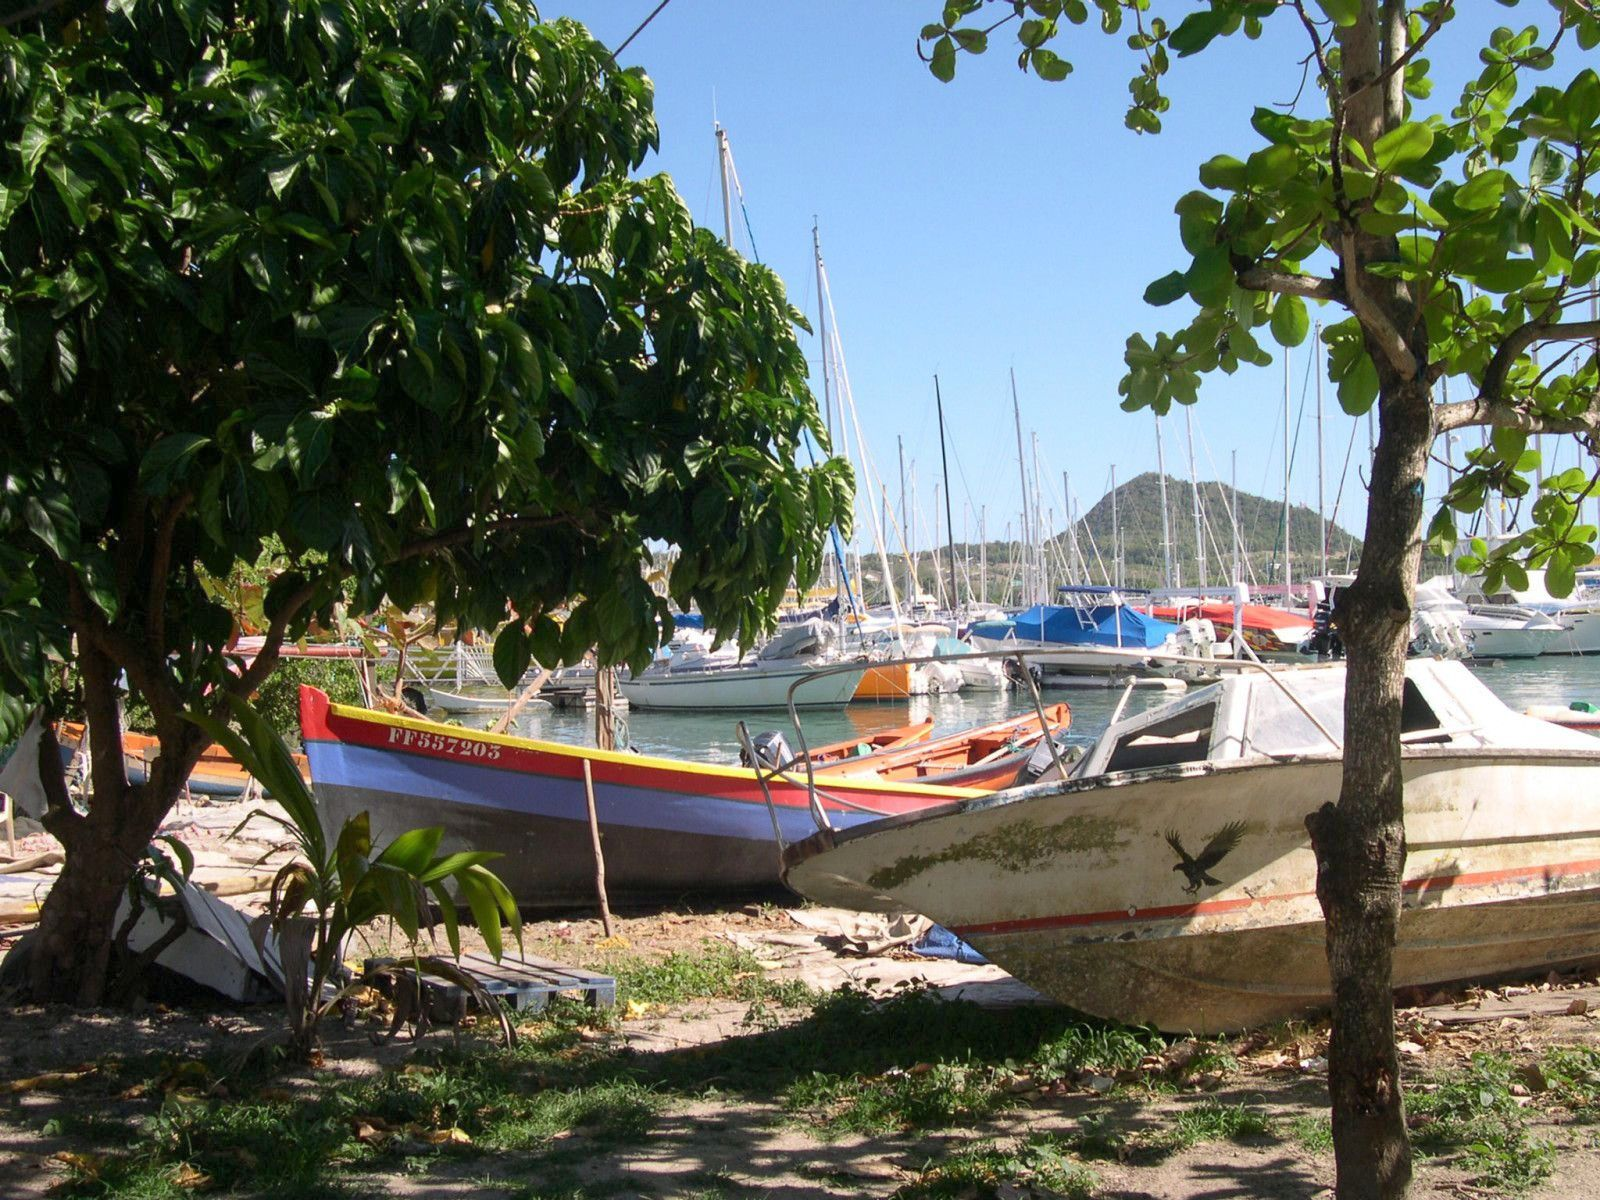 044 -   De Mindelo à la Martinique... transat. voile, nov. 2004, Ovni 345, Skreo, des îles du Cap-Vert aux Antilles, photos GeoMar